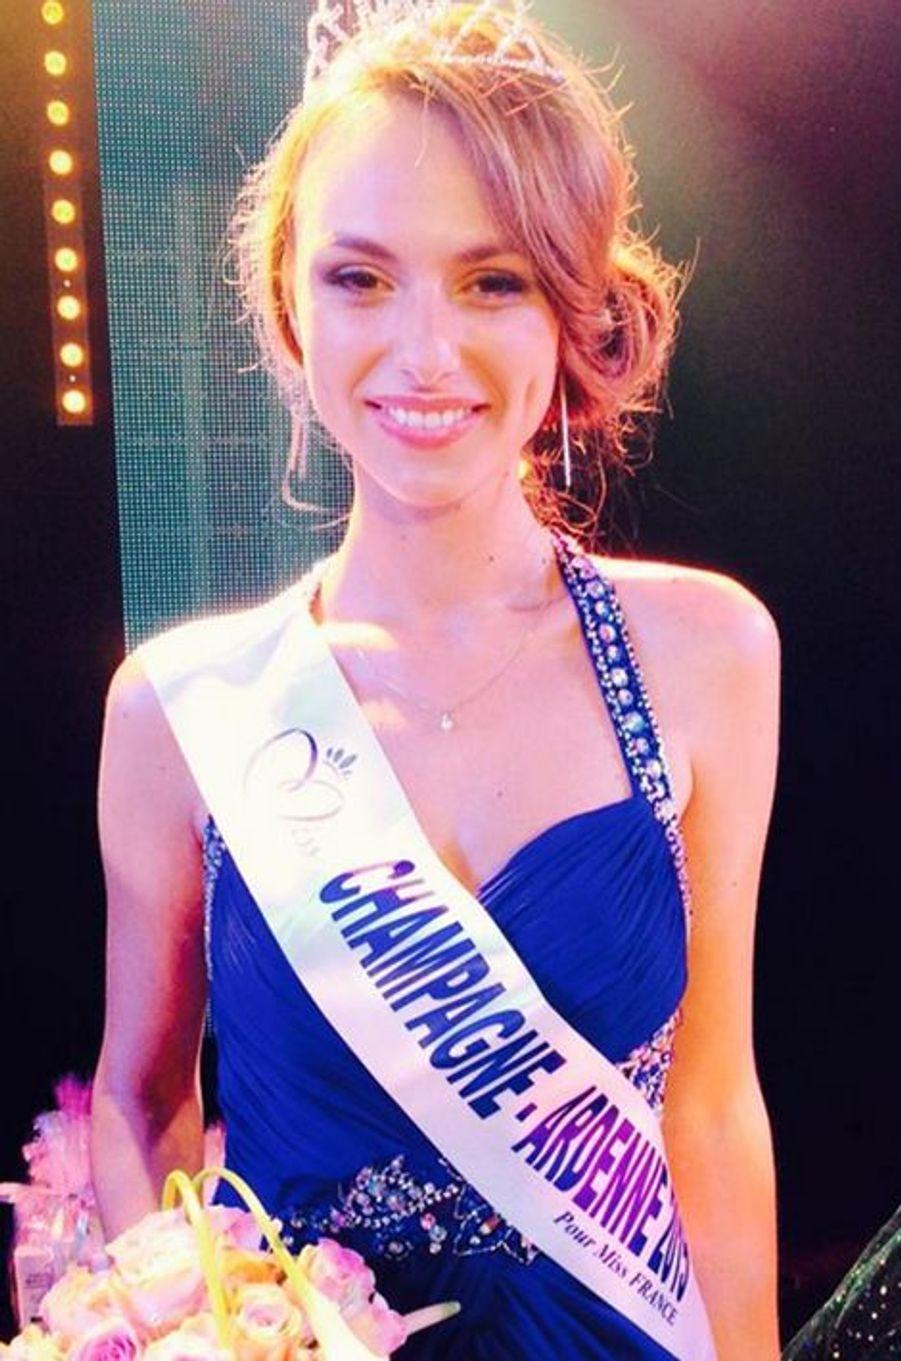 Miss Champagne Ardenne - Océane Pagenot (20 ans - 1,70 m) - Étudiante en gestion des entreprises et administrations